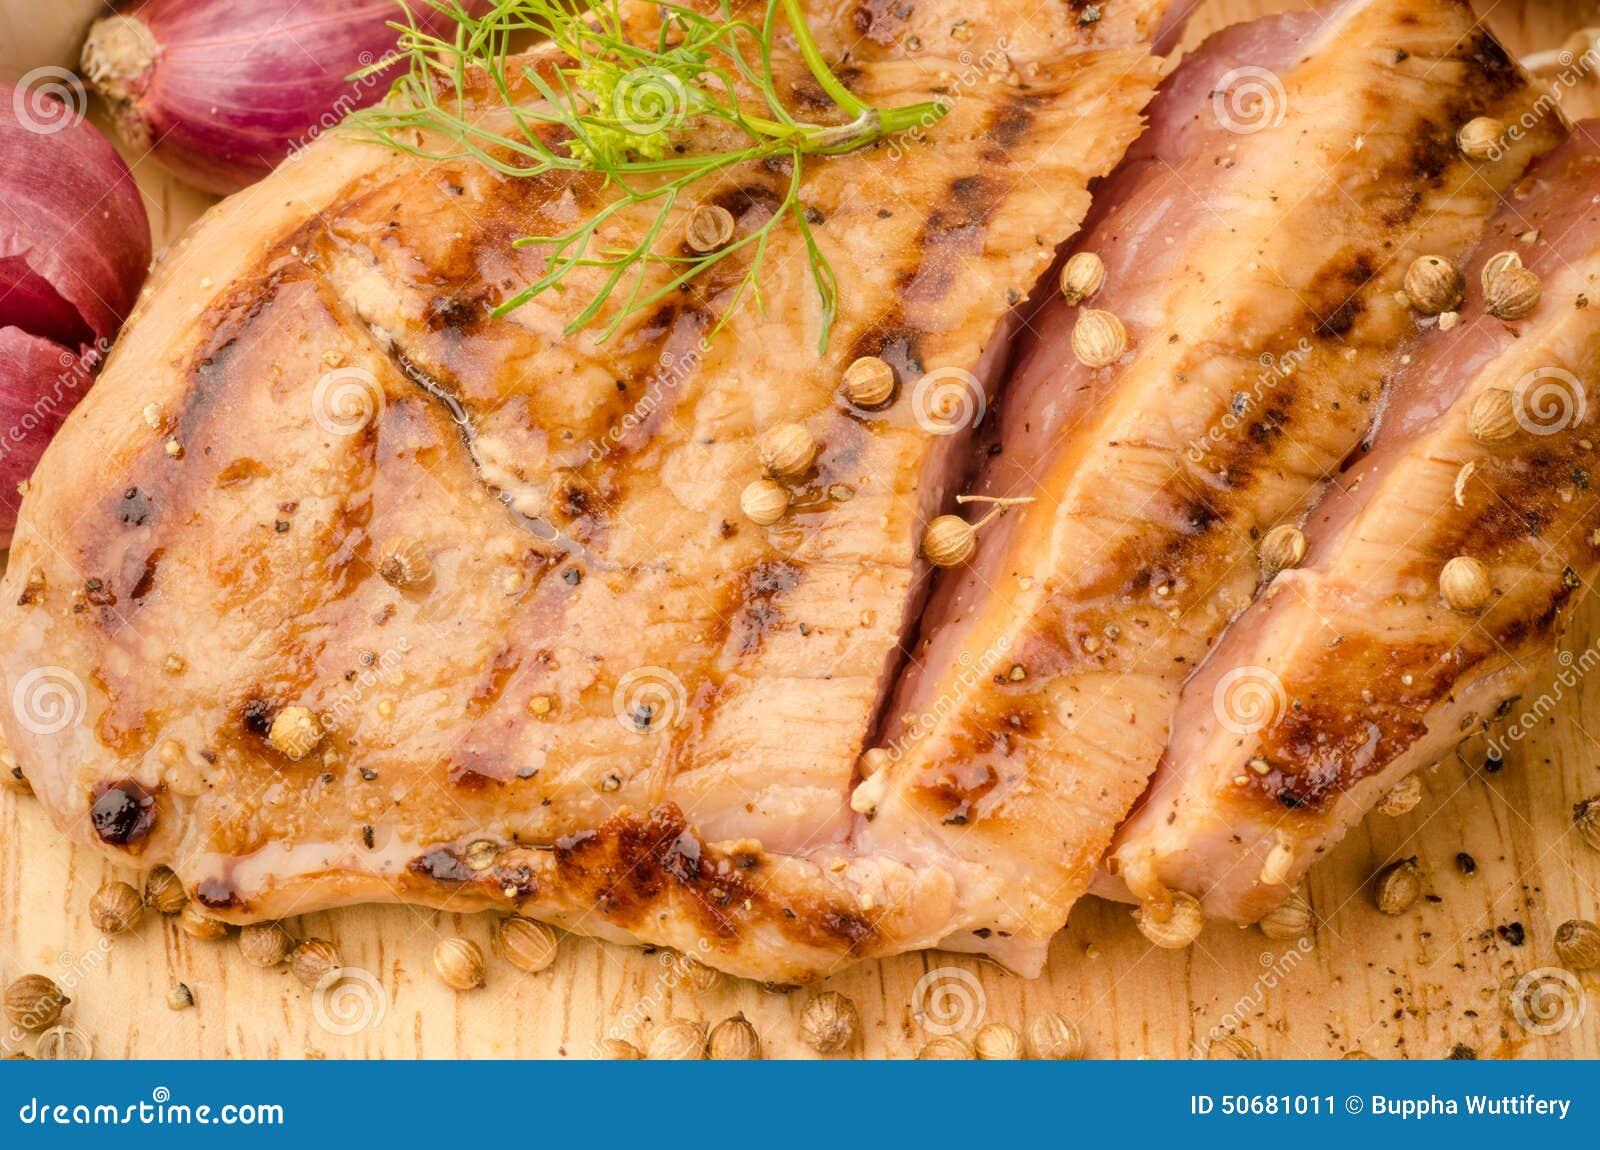 Download 烤牛排 库存图片. 图片 包括有 新鲜, 有机, 肥胖, 春天, 烹调, 蔬菜, 草本, 成份, 香菜, 猪肉 - 50681011